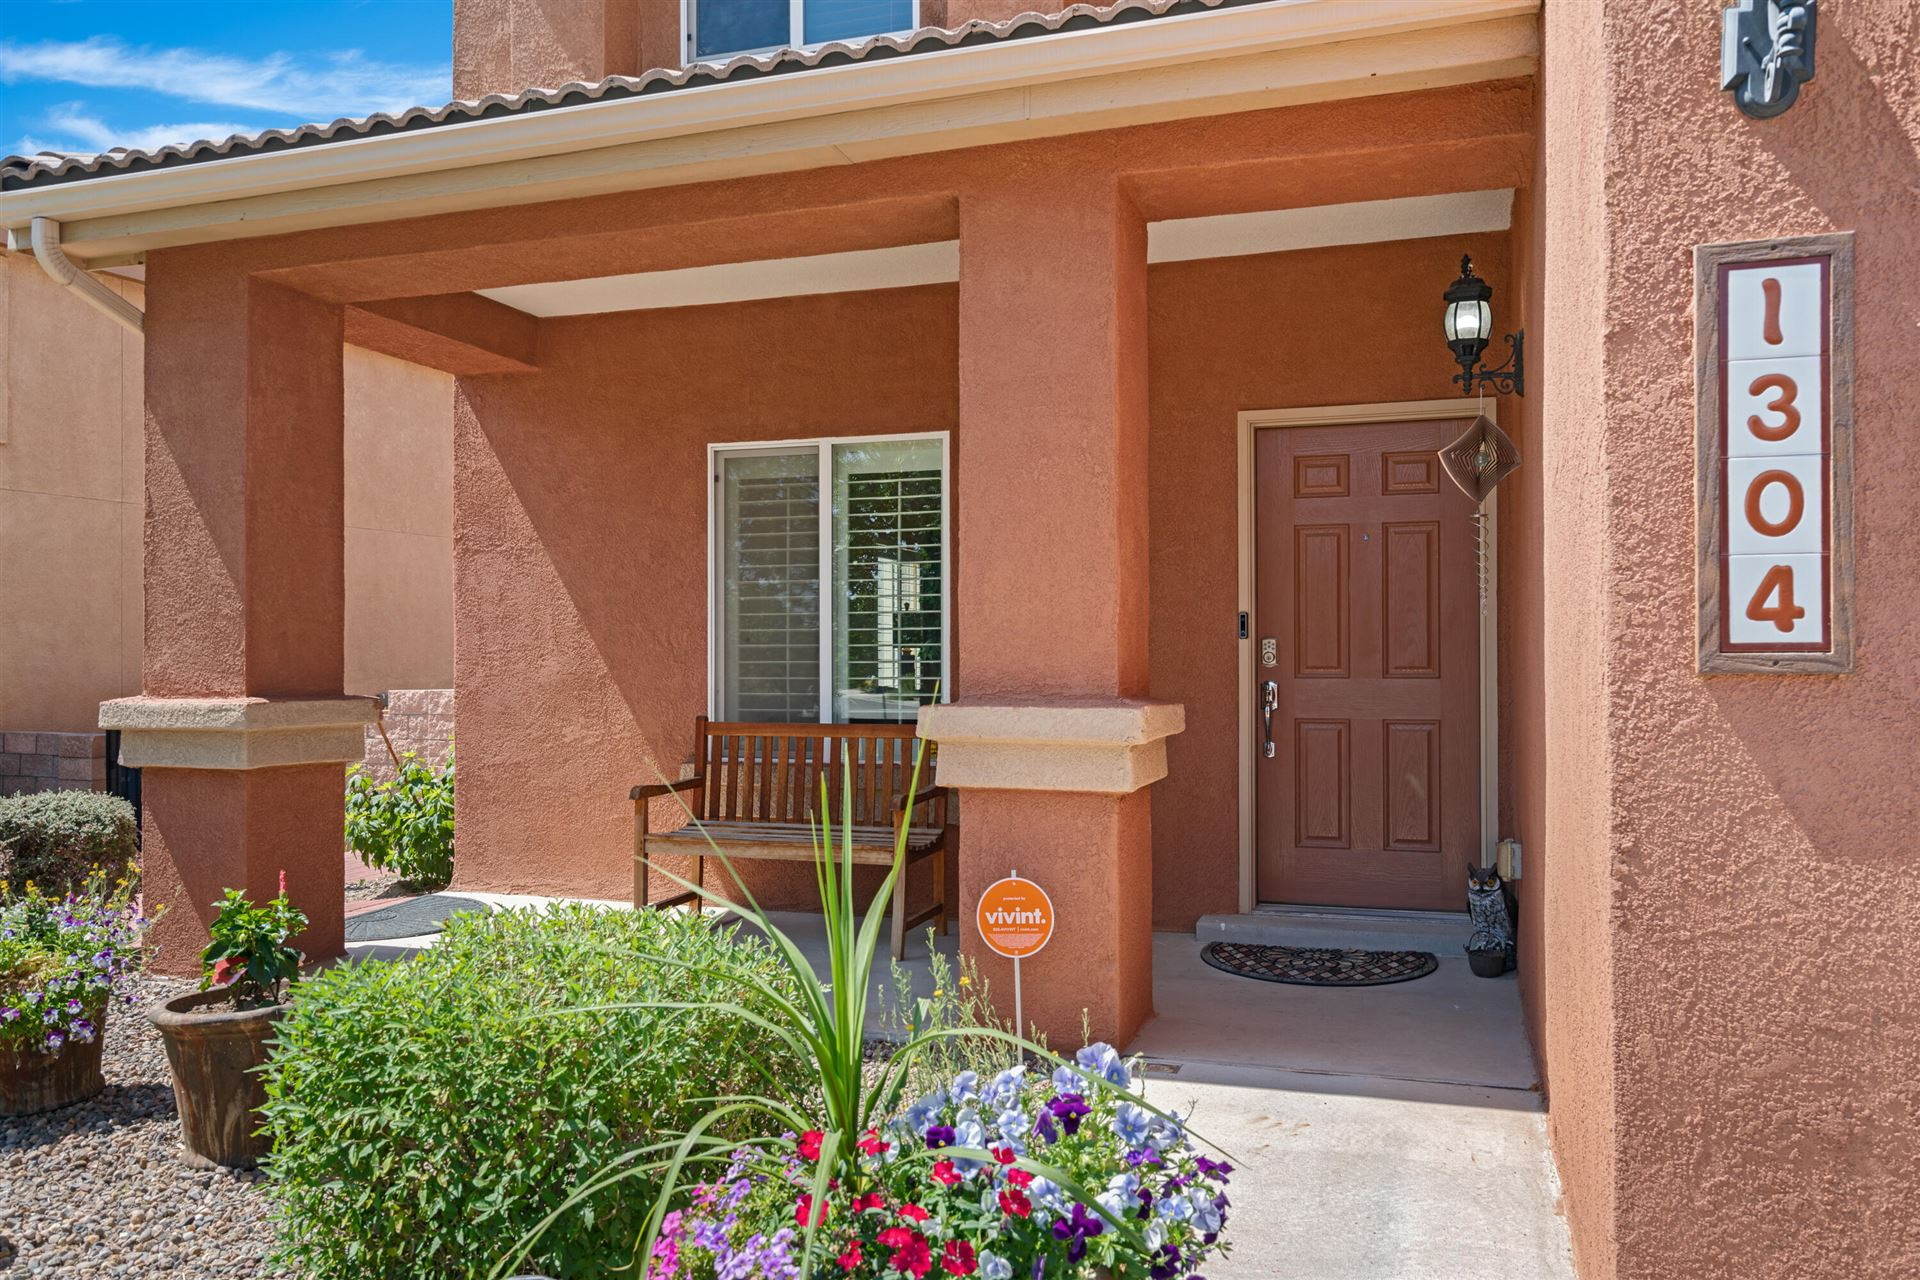 Photo of 1304 CIRRUS Drive NW, Albuquerque, NM 87120 (MLS # 994385)